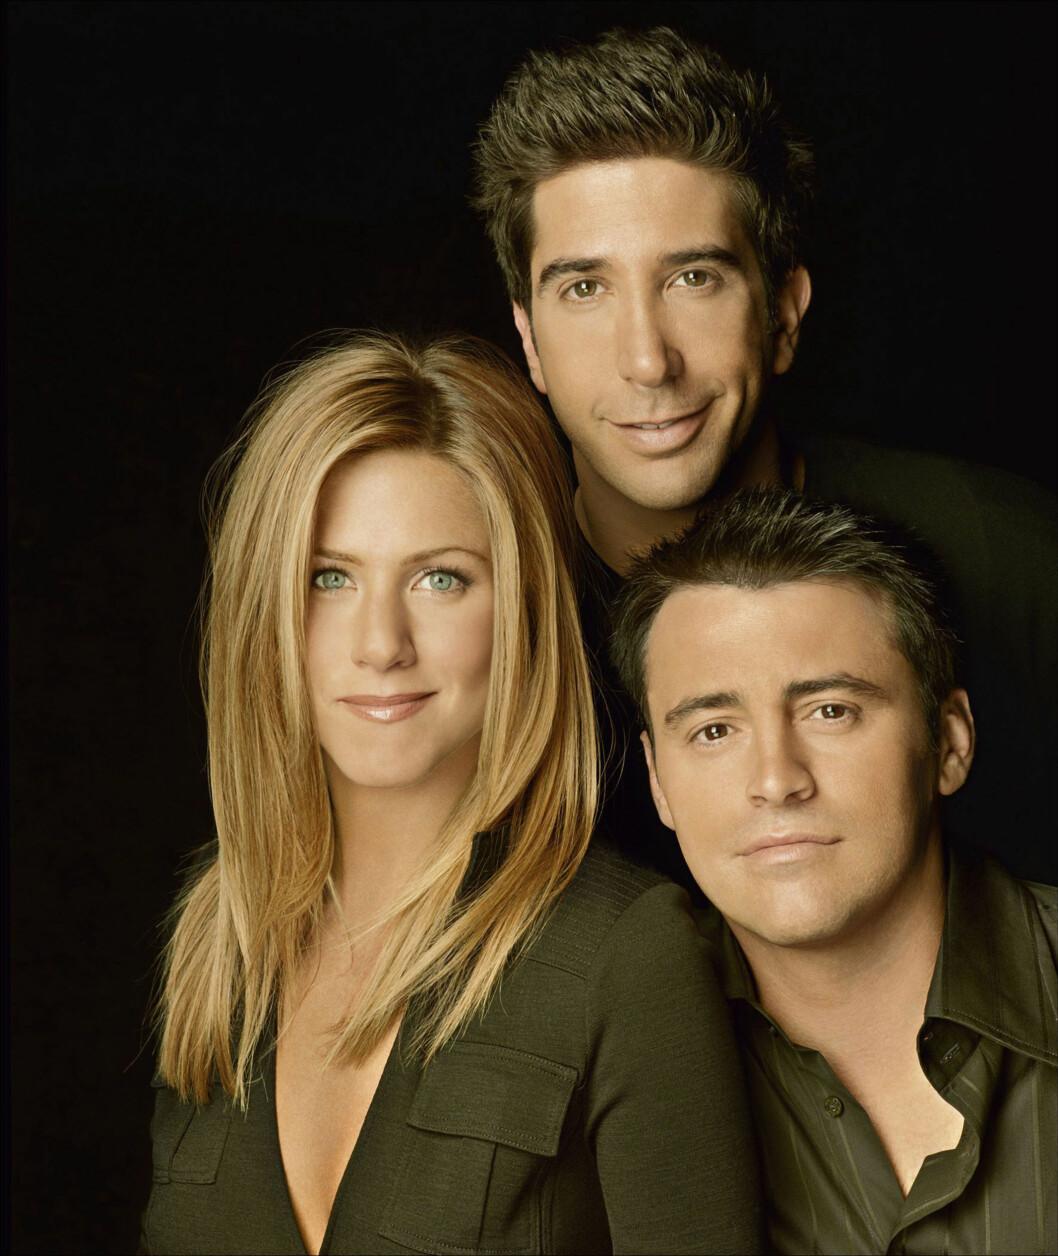 SÅRET: I ti år spilte David Schwimmer (bak) mot Jennifer Aniston i «Venner for livet». Nylig skal han ha klaget til Matt LeBlanc (t.h) over at han ble droppet på Anistons gjesteliste.  Foto: NTB Scanpix